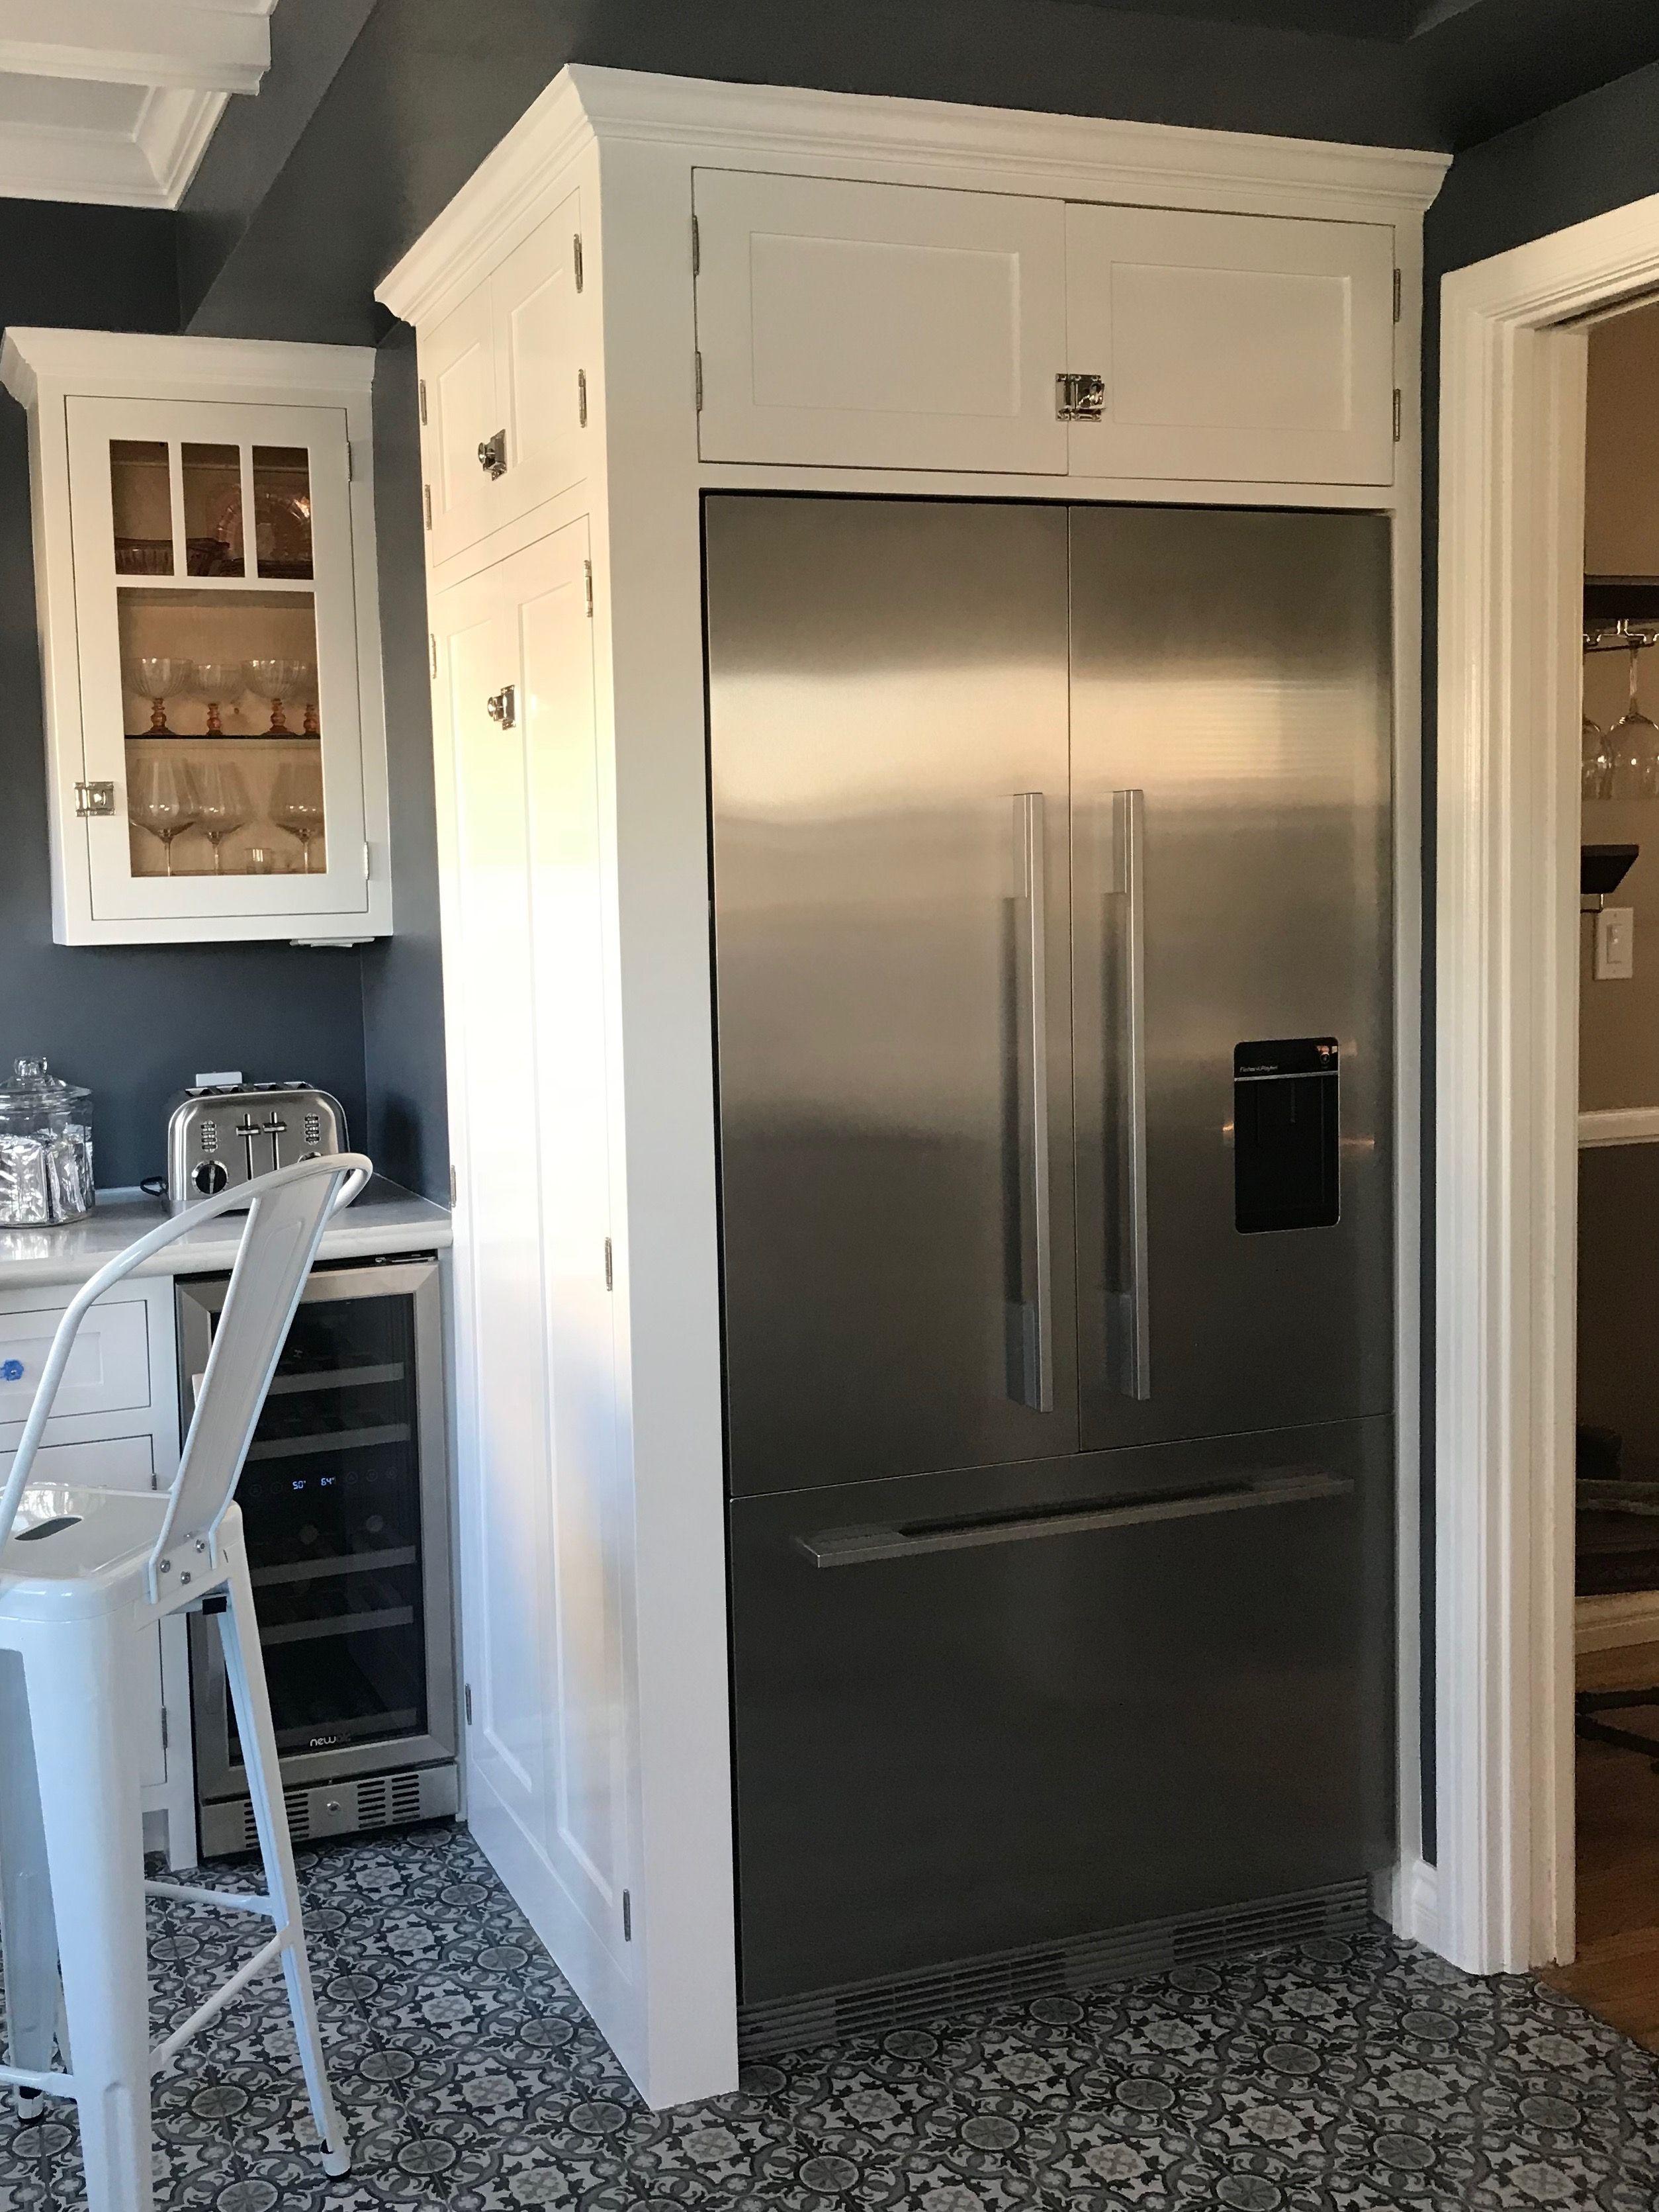 building refrigerator above fridge remodelando la cabinet enclosure casa the